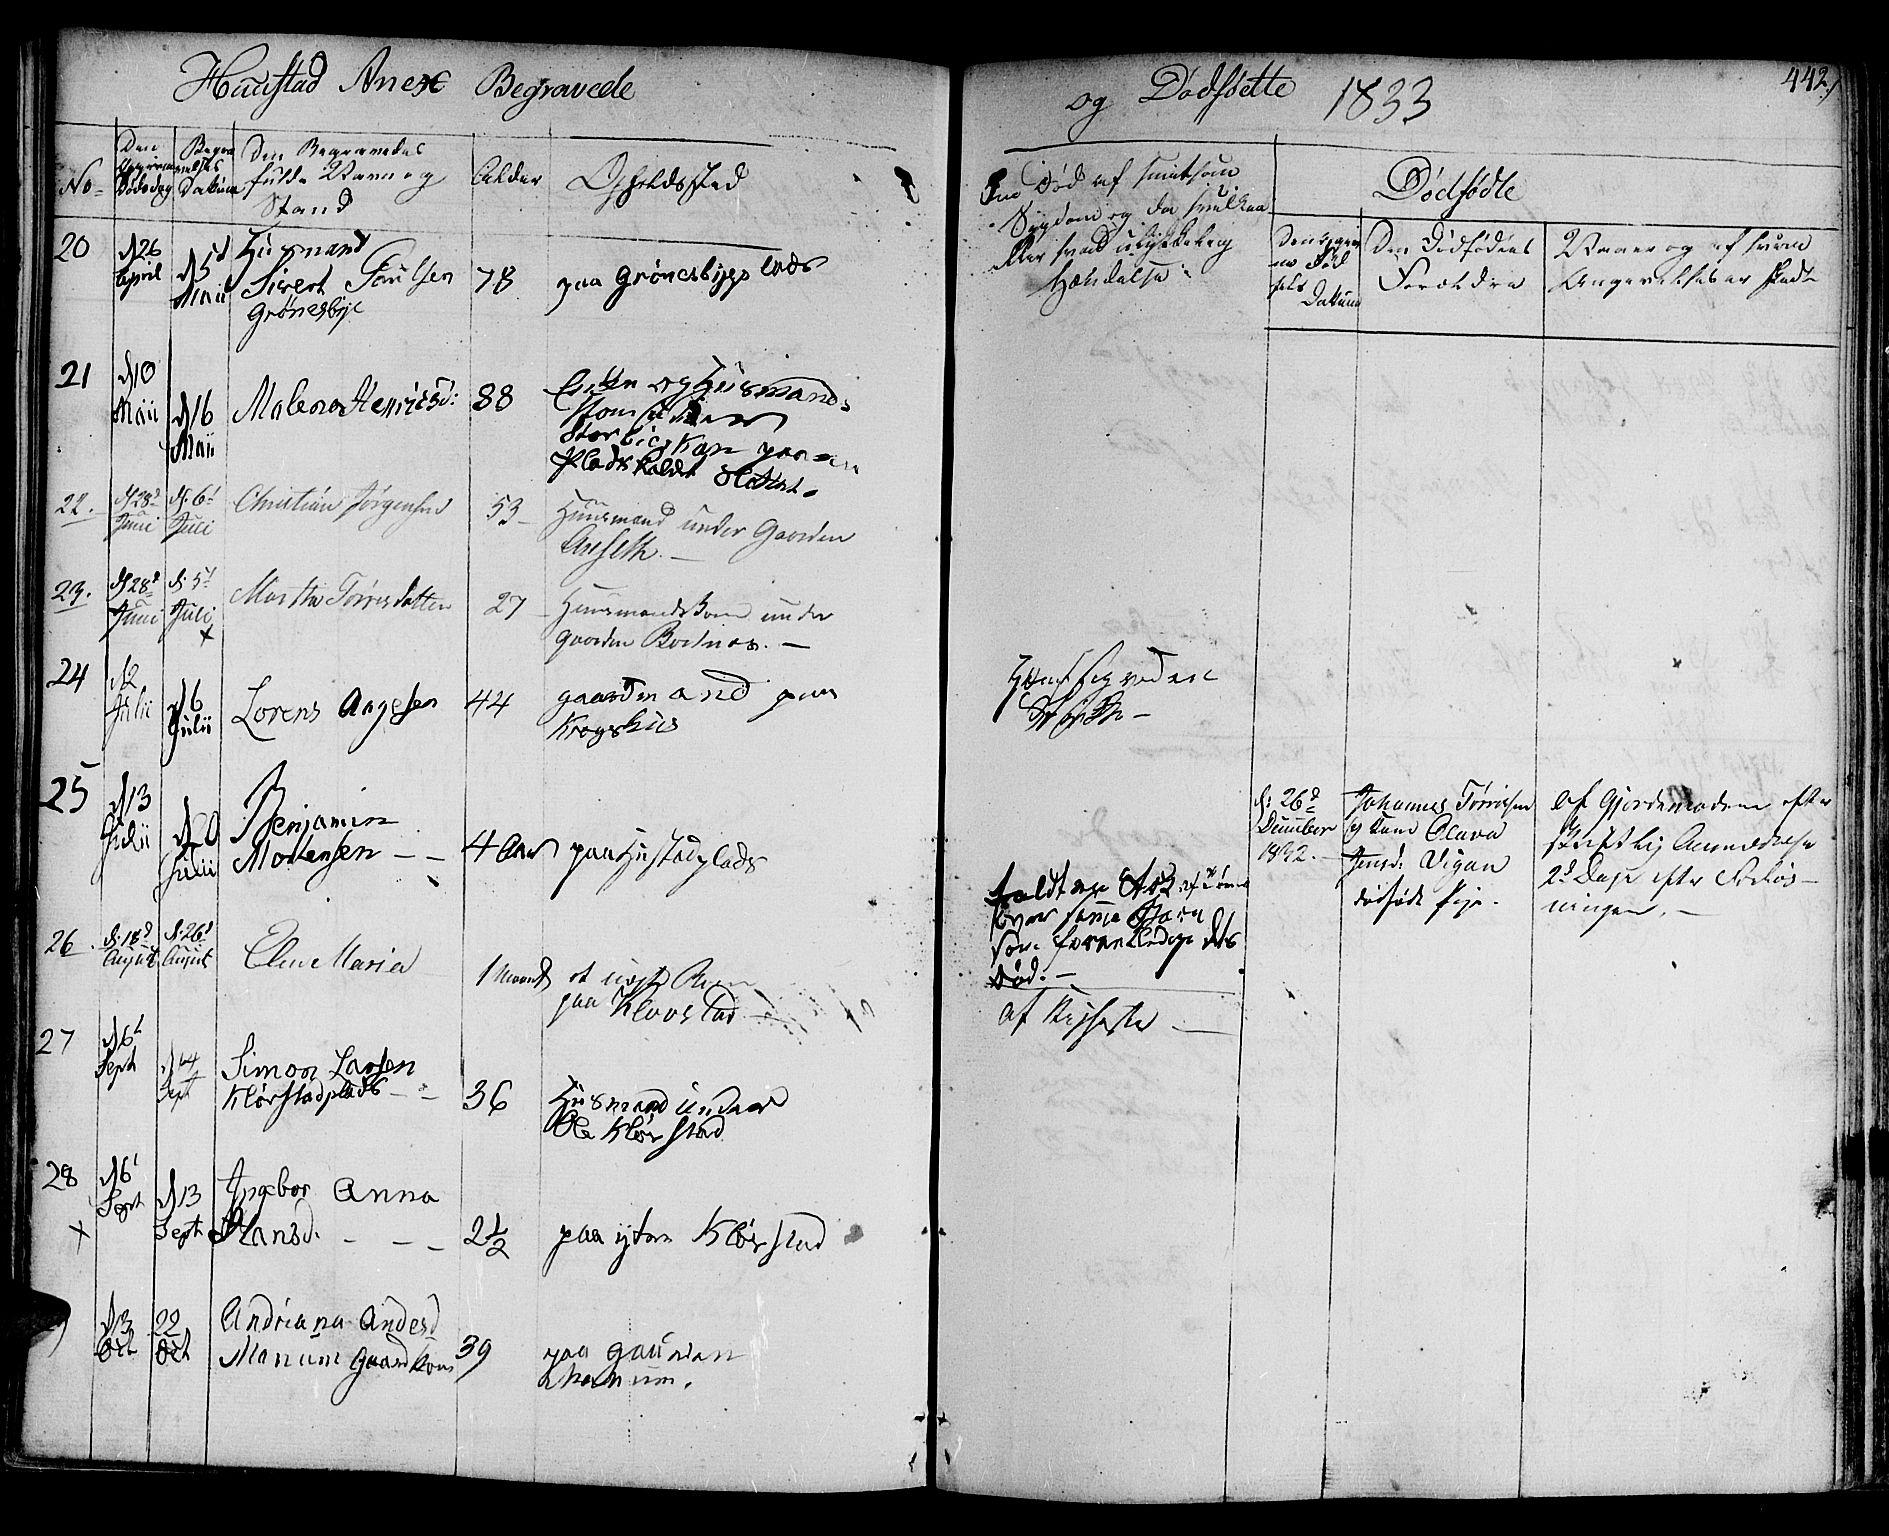 SAT, Ministerialprotokoller, klokkerbøker og fødselsregistre - Nord-Trøndelag, 730/L0277: Ministerialbok nr. 730A06 /3, 1830-1839, s. 442